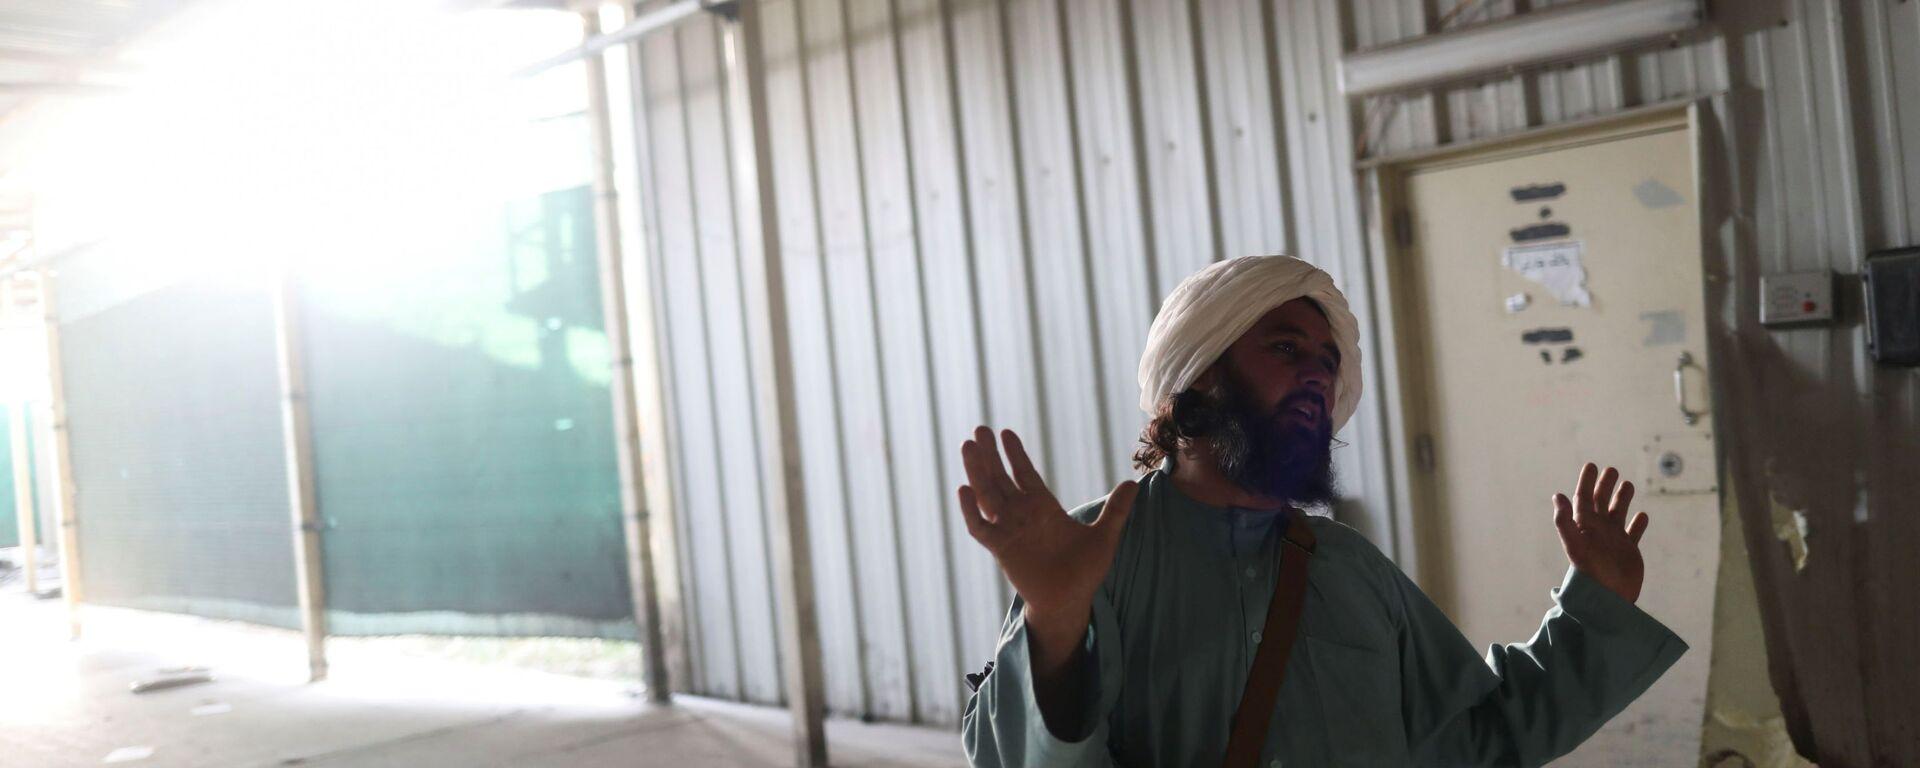 Боевики Талибана* на бывшей американской авиабазе Баграм в Парване, Афганистан - Sputnik Тоҷикистон, 1920, 06.10.2021